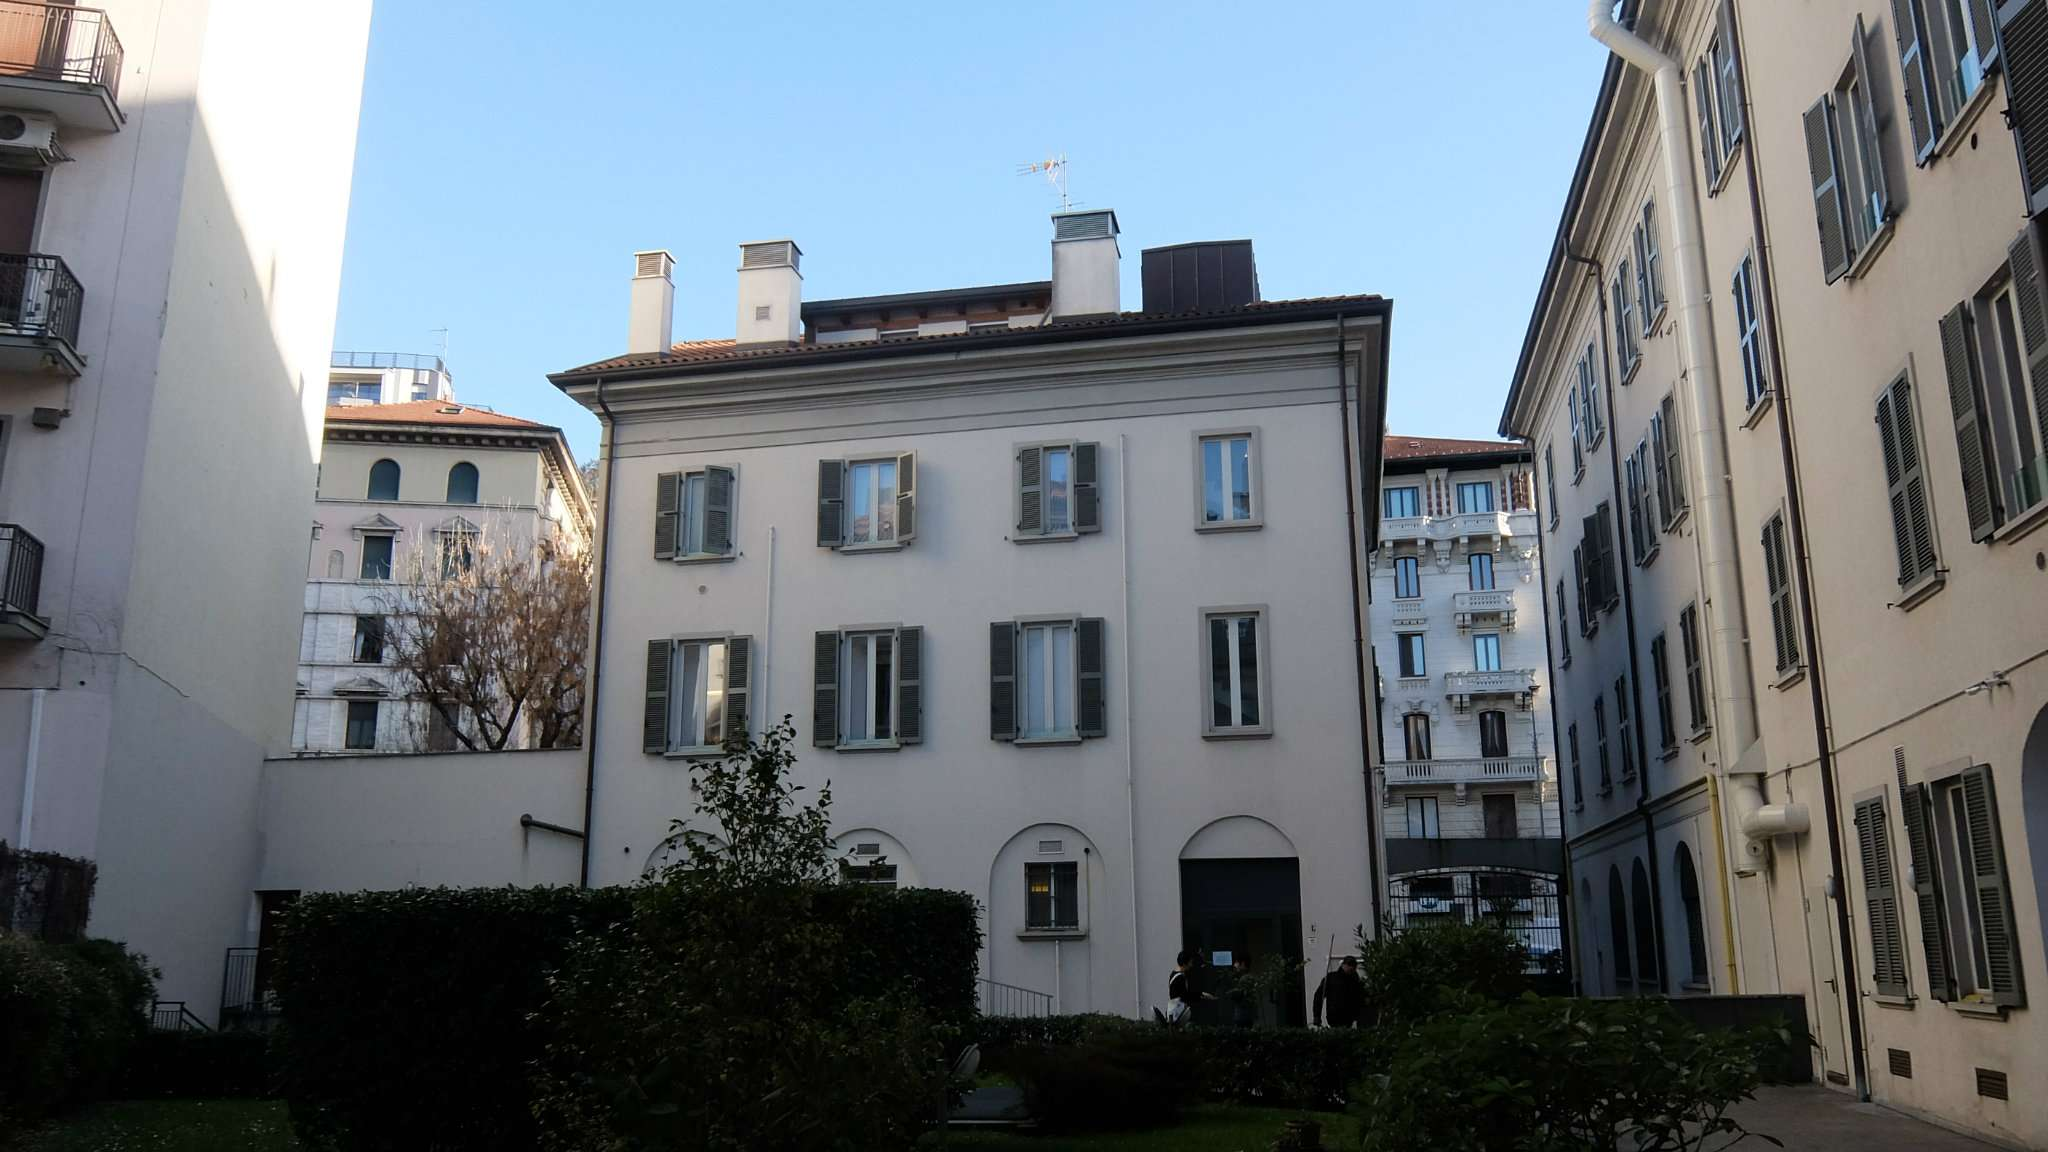 Appartamento affitto con giardino privato a milano for Case arredate affitto milano